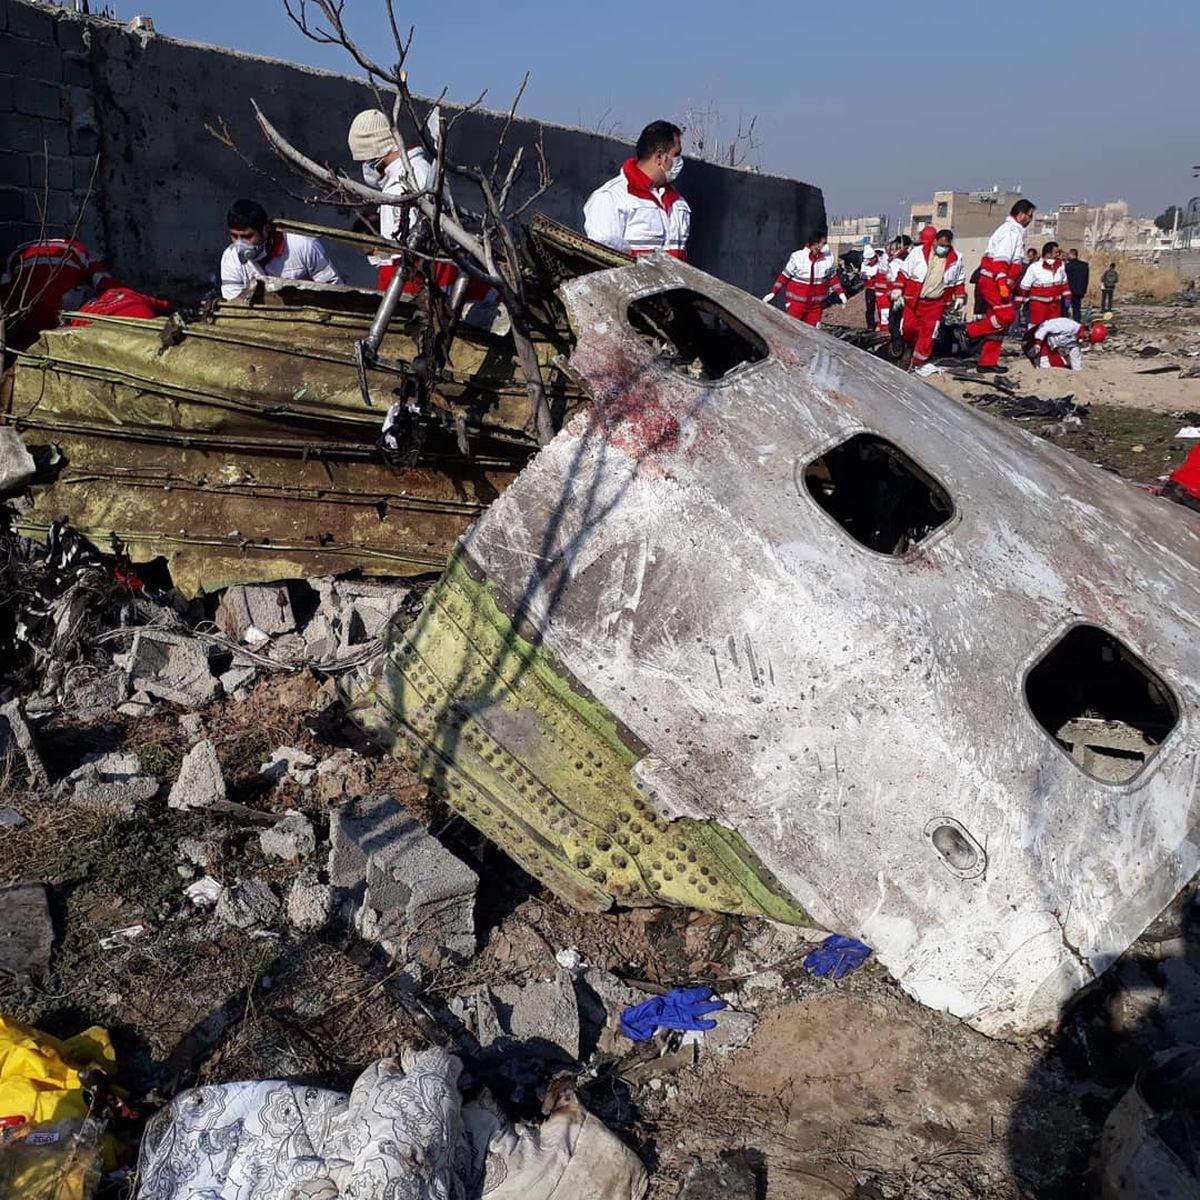 پرداخت خسارت به بازماندگان هواپیمای اکراینی+جزییات